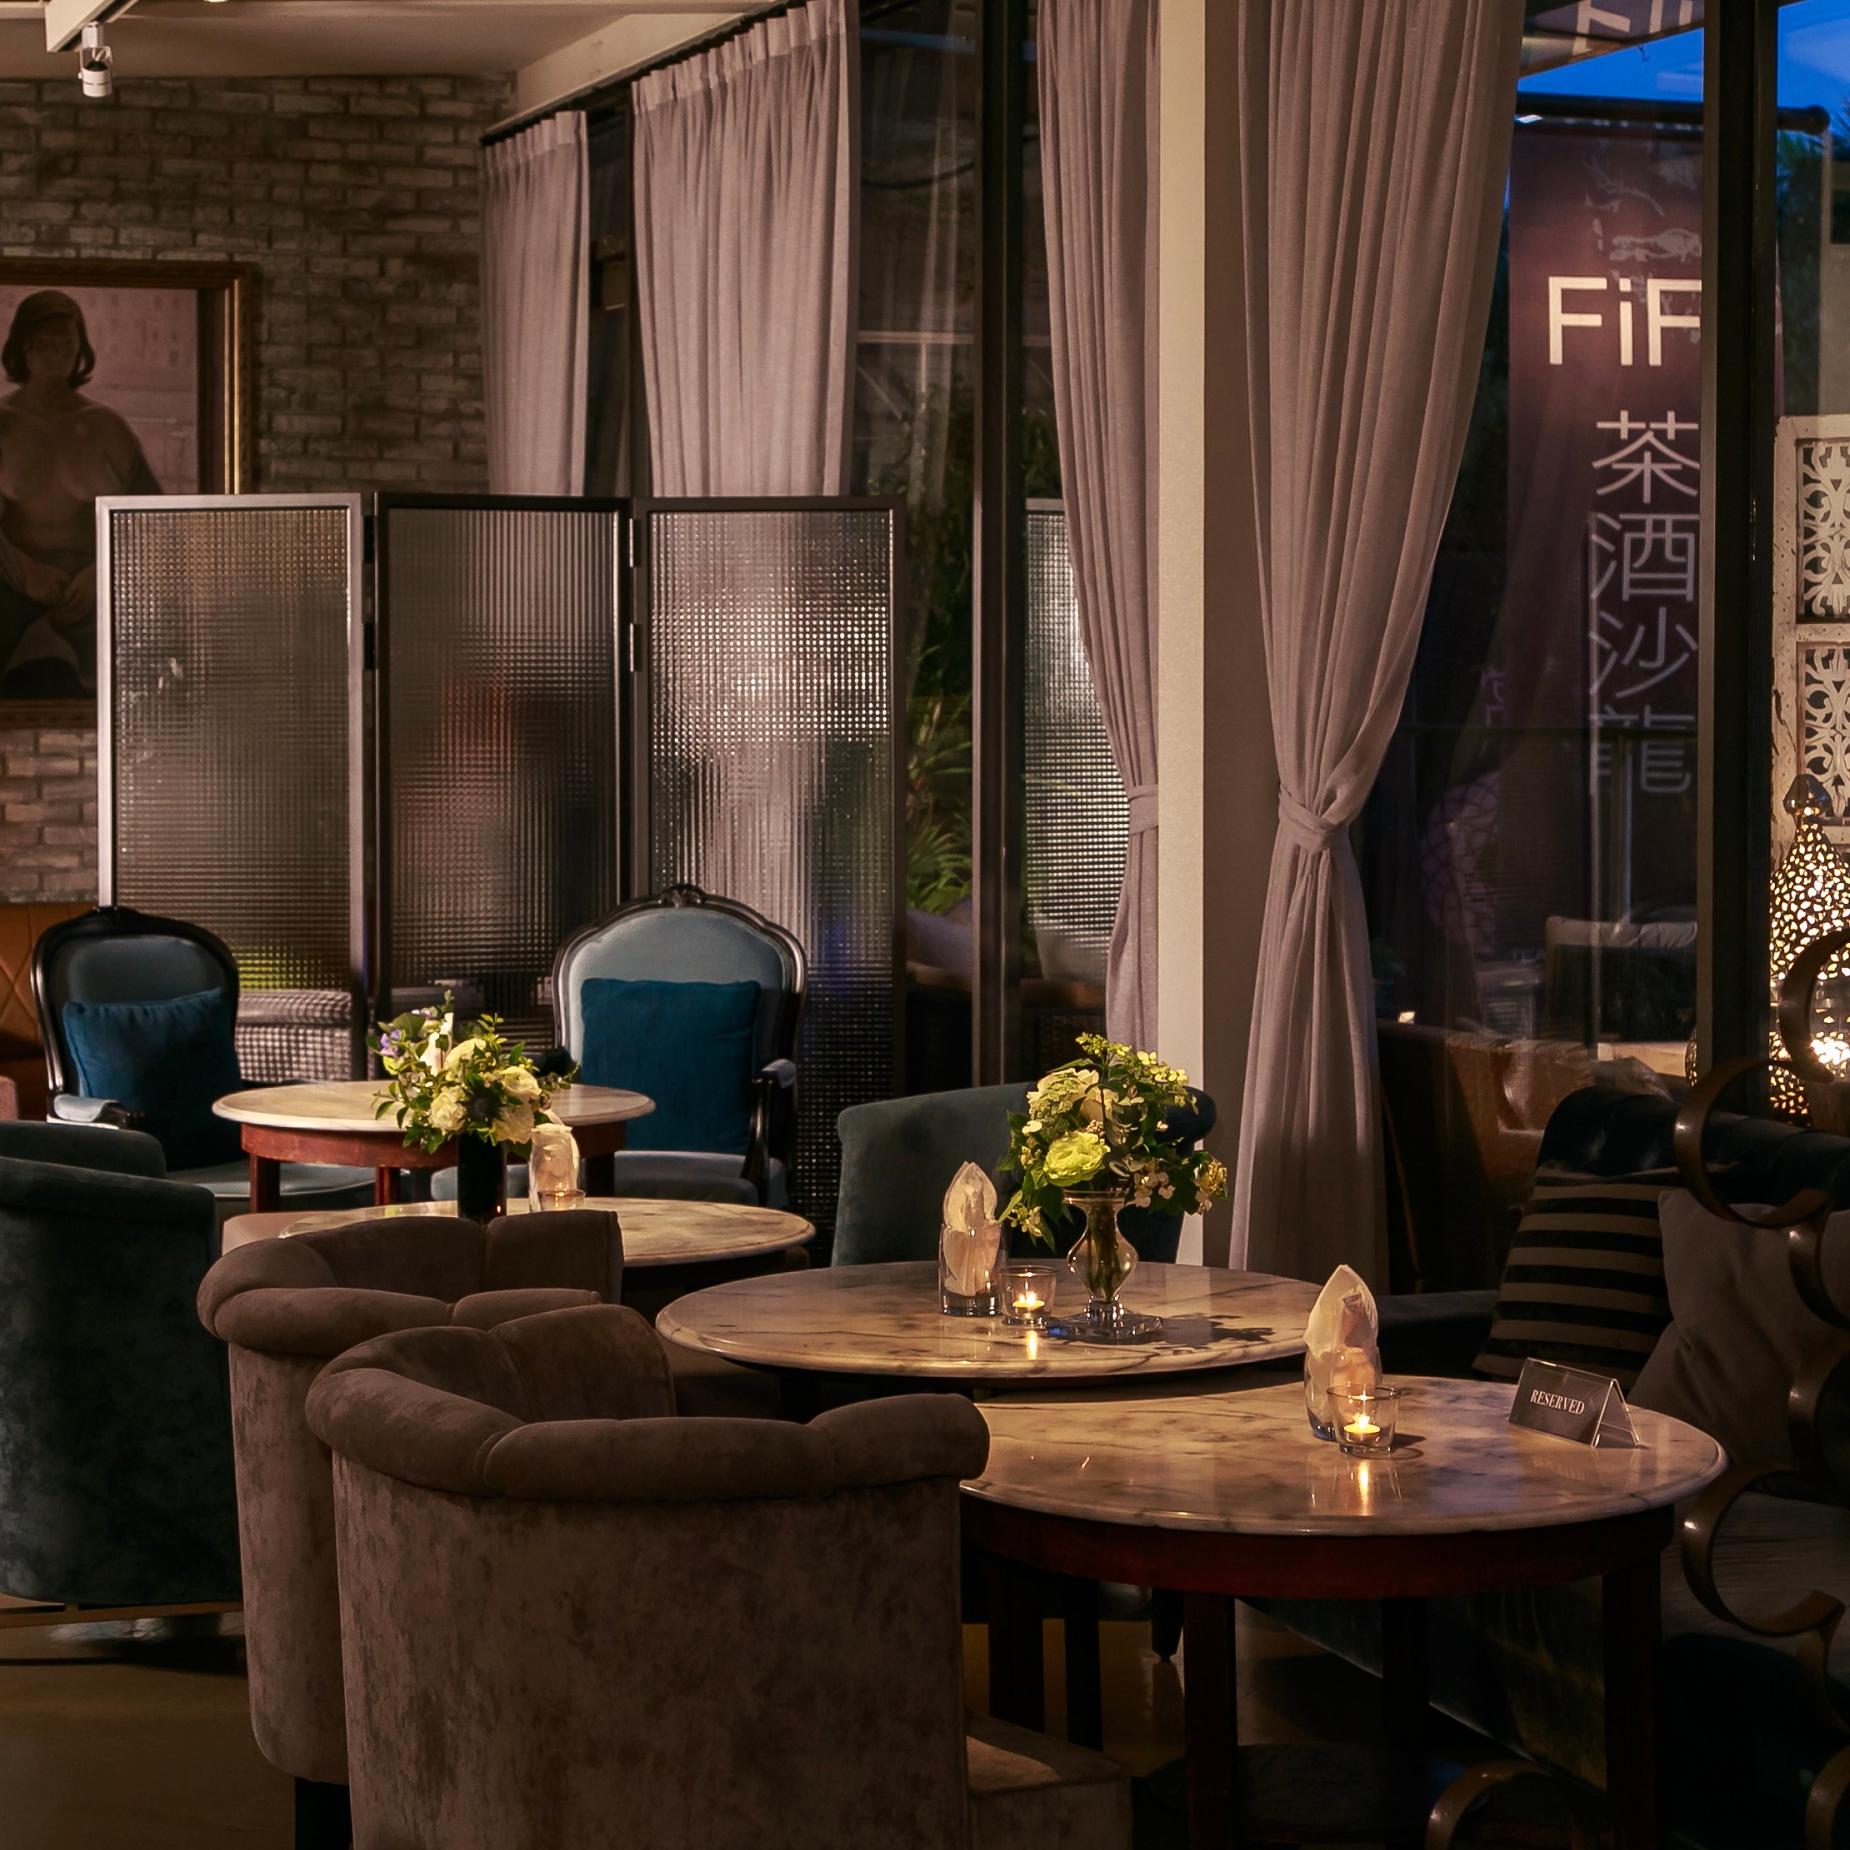 彷彿走入溫慶珠的私人住宅!「ISA HOUSE 伊莎閣樓」重新打造成隱密、溫暖的私廚餐酒館